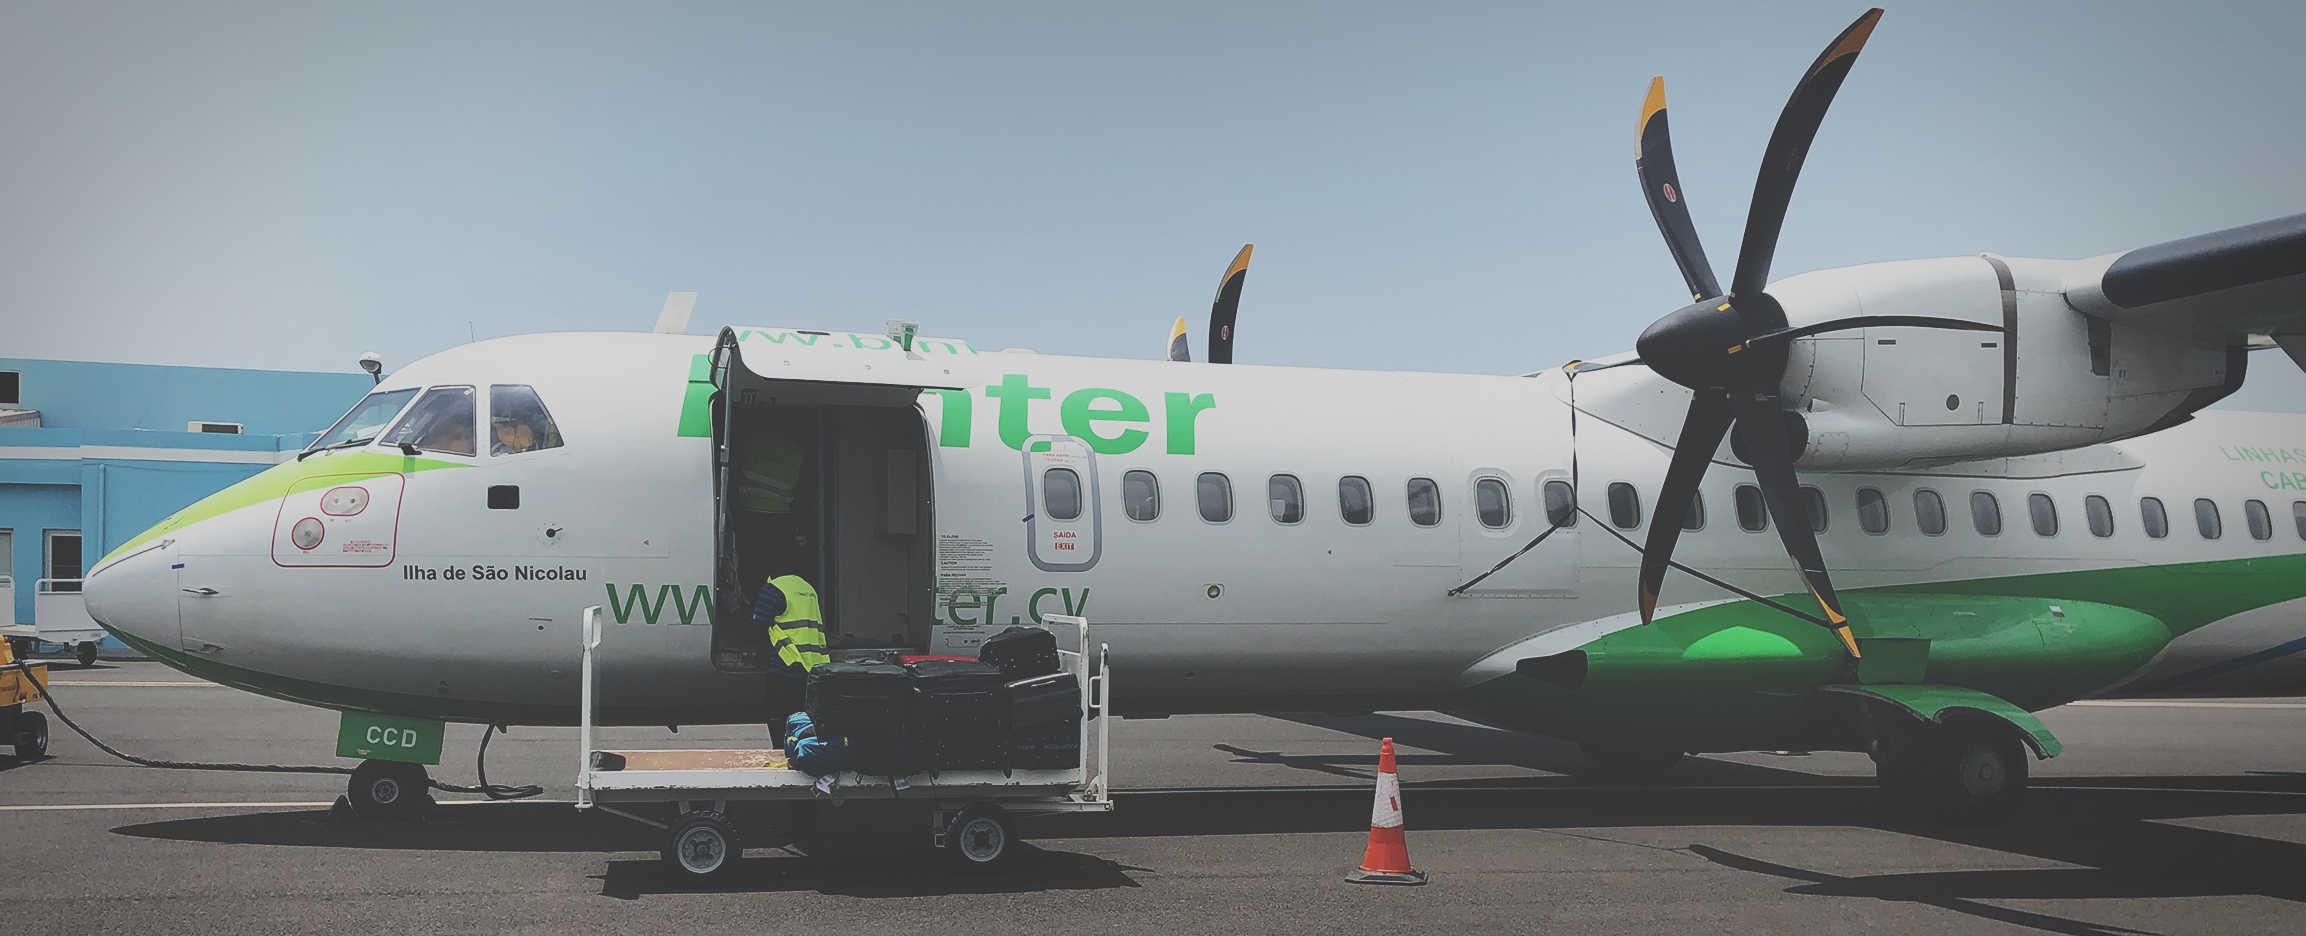 vuelos internos en cabo verde aeronave en sao nicolau